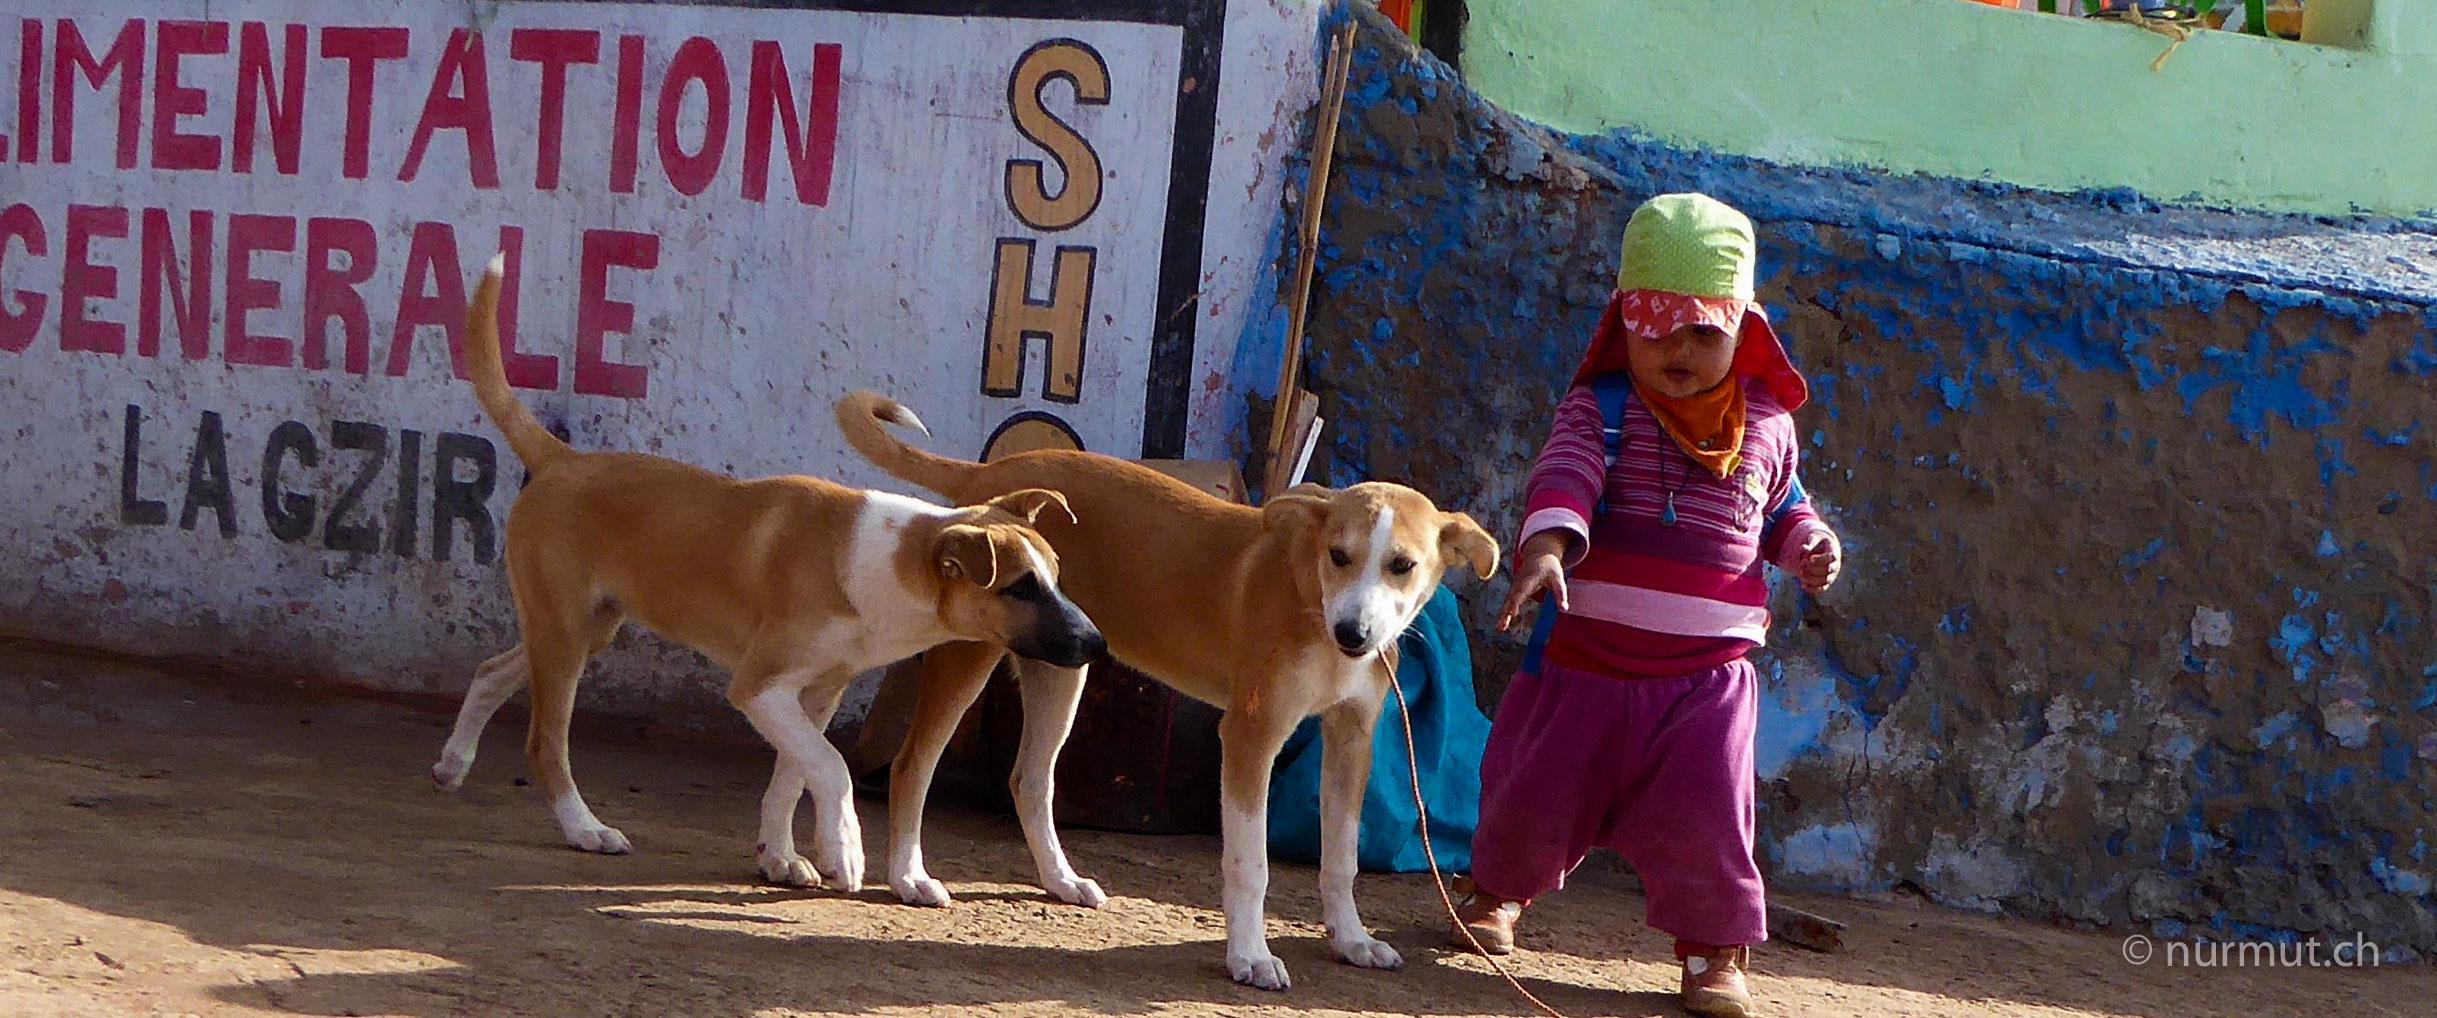 marokkoreise mit hund-marokko mit hund-marokko-infos marokko mit hund-nurmut